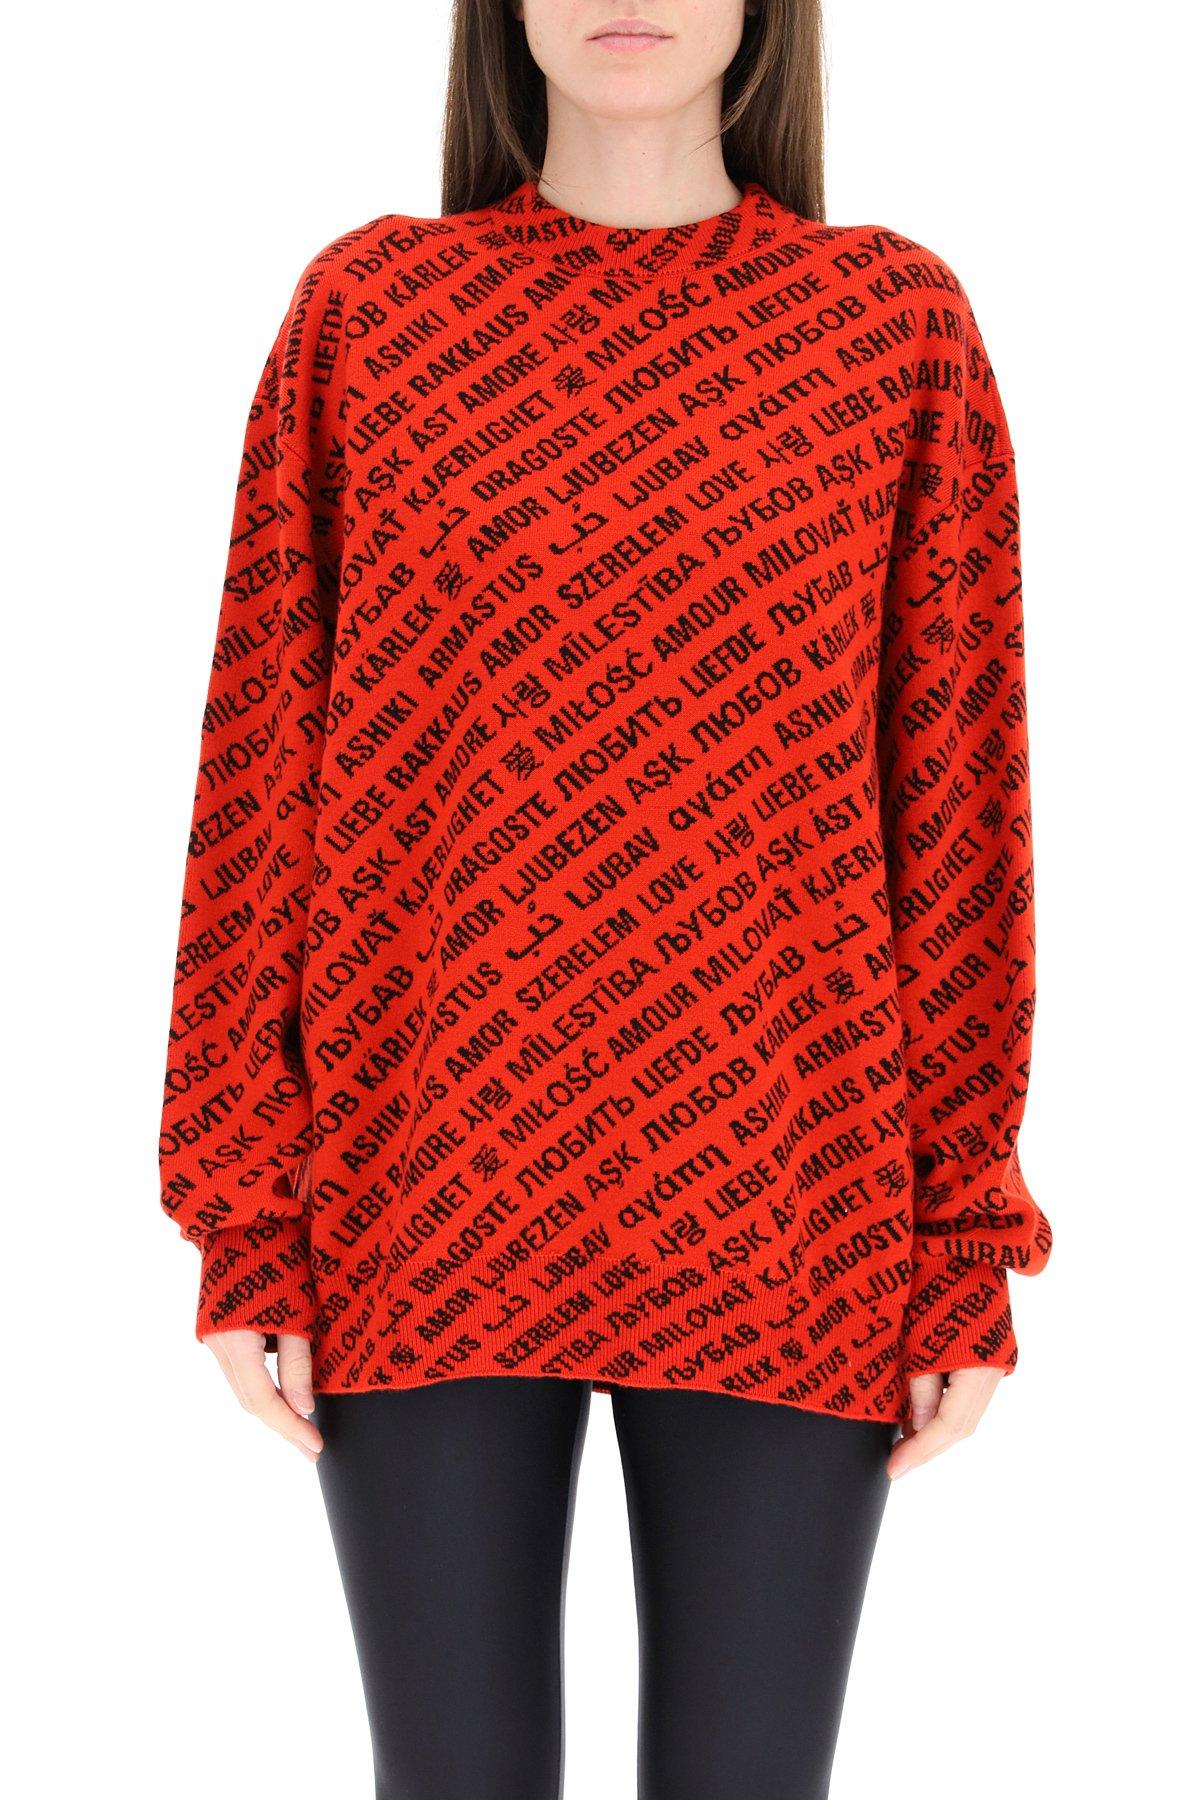 Balenciaga pullover jacquard multi love